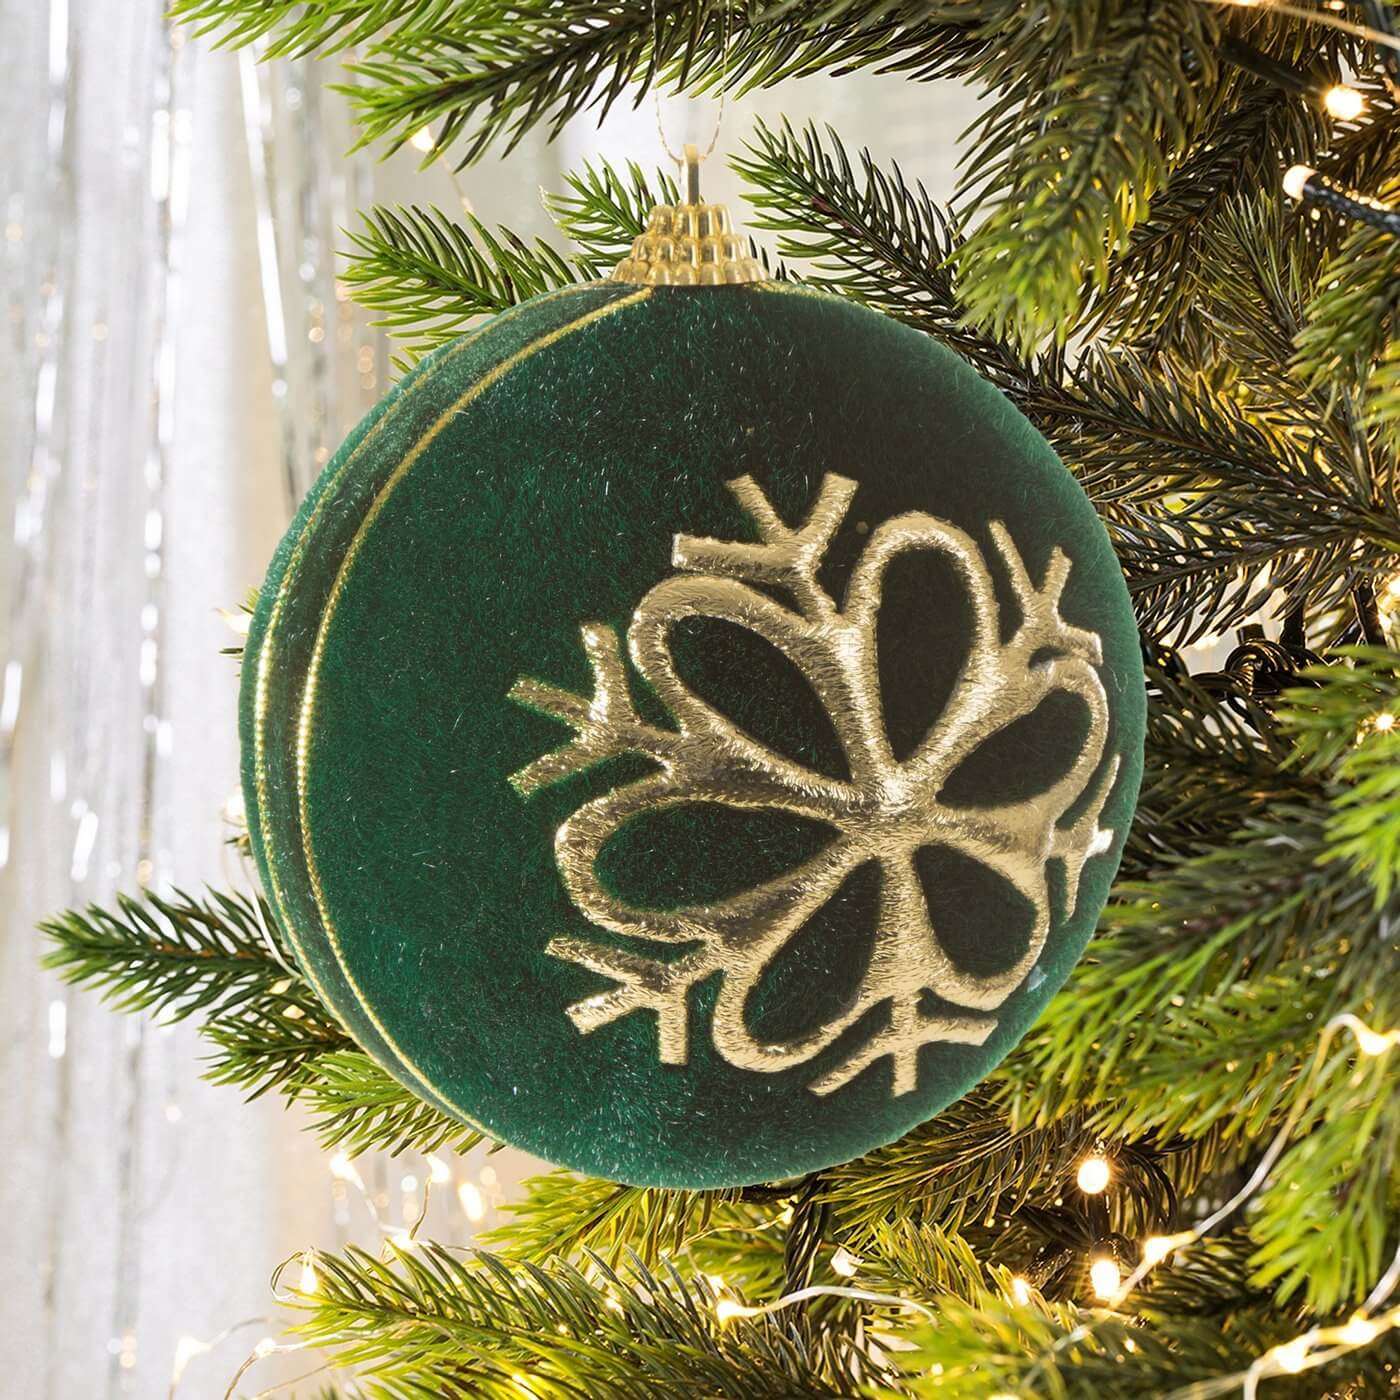 dekoracje świąteczne eurofirany.com.pl